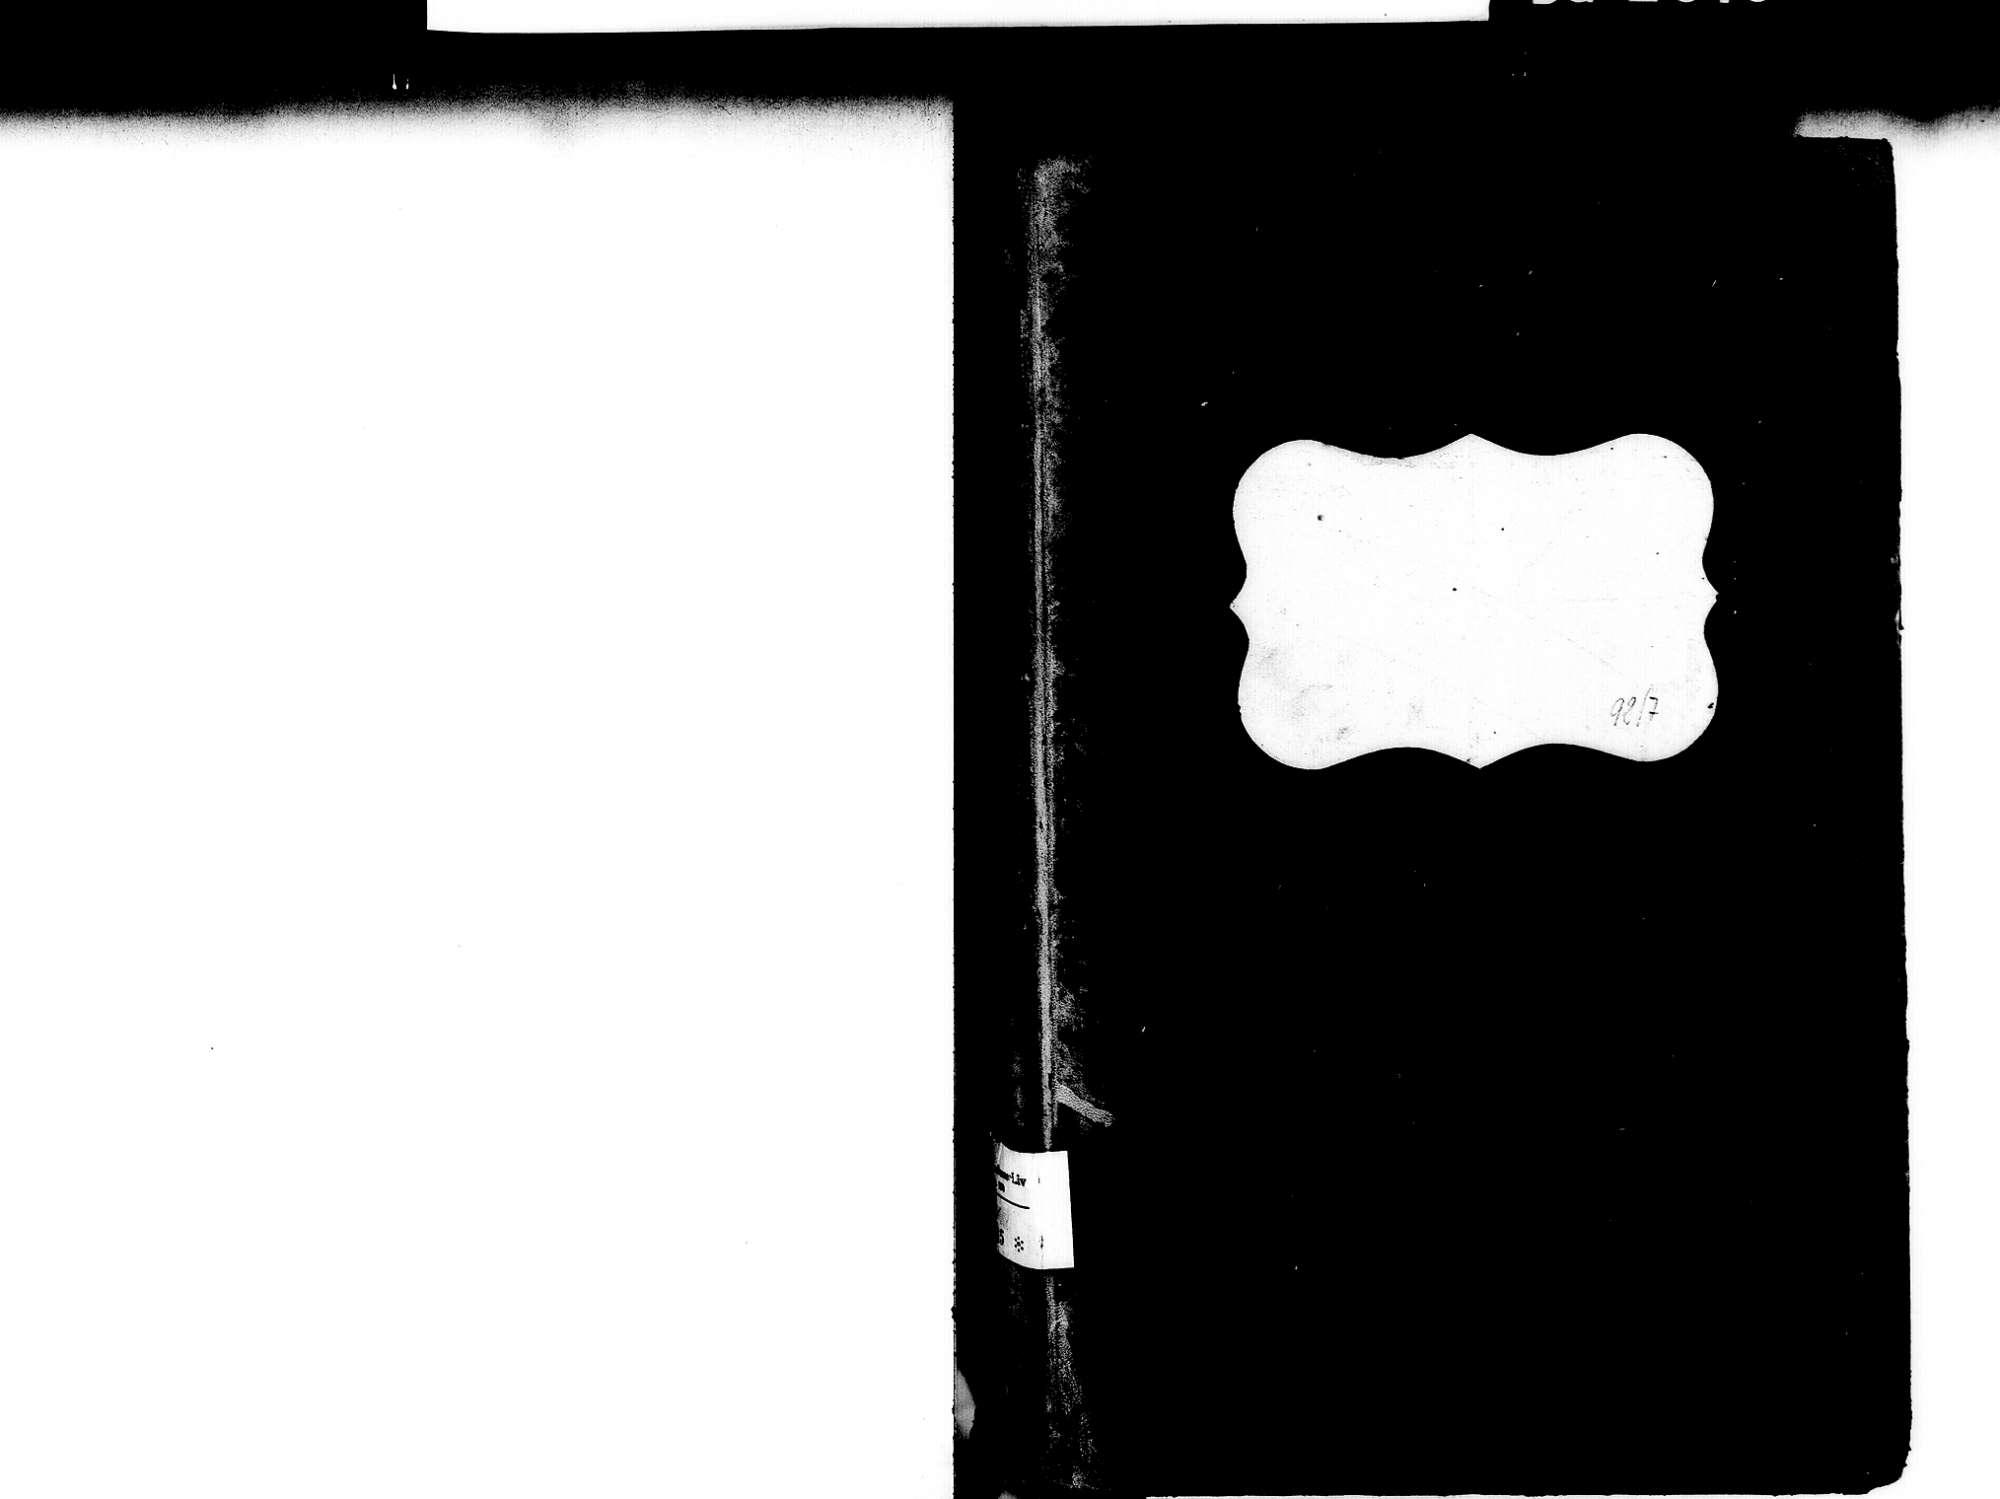 Kenzingen EM; Evangelische Gemeinde: Heiratsbuch 1810-1843 Kenzingen EM; Katholische Gemeinde: Heiratsbuch 1810-1843, Bild 2